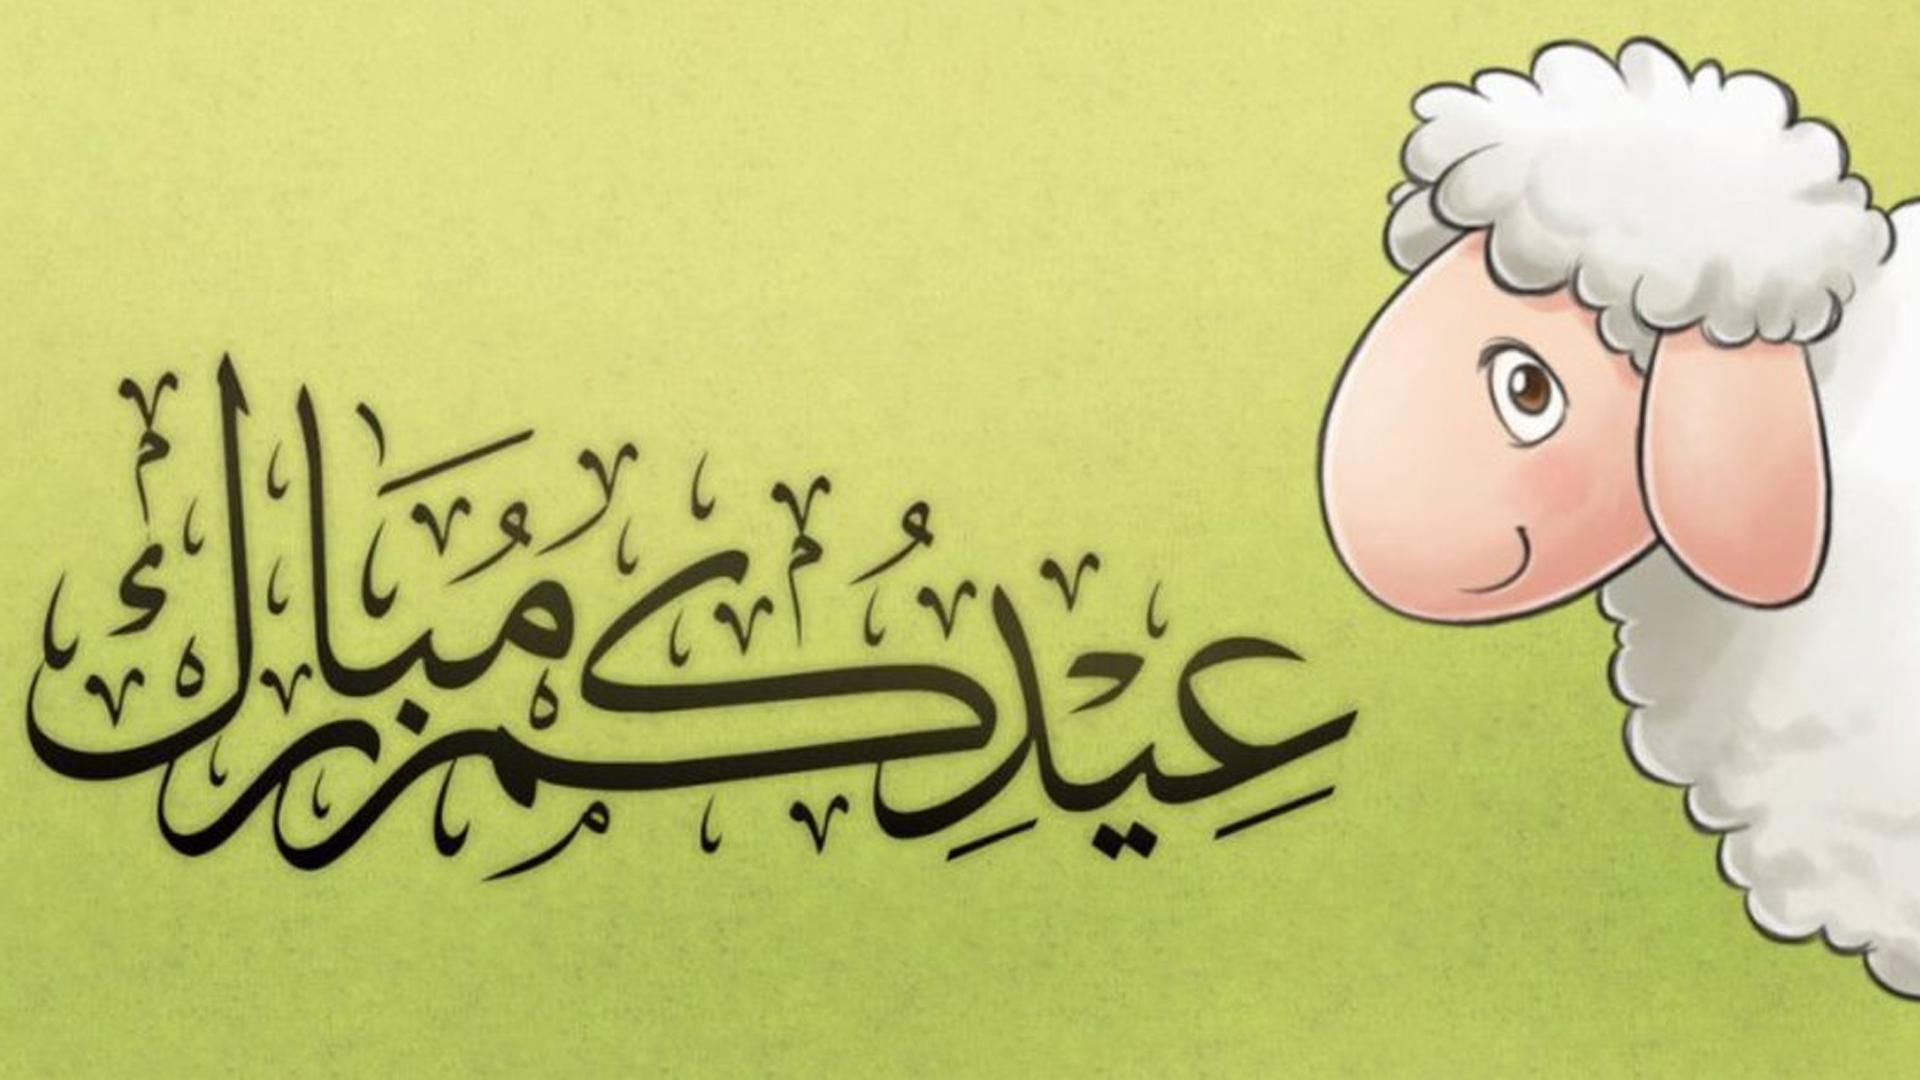 أحدث صور وخلفيات عيد الأضحي المبارك 2019 Eid Mubarak 5